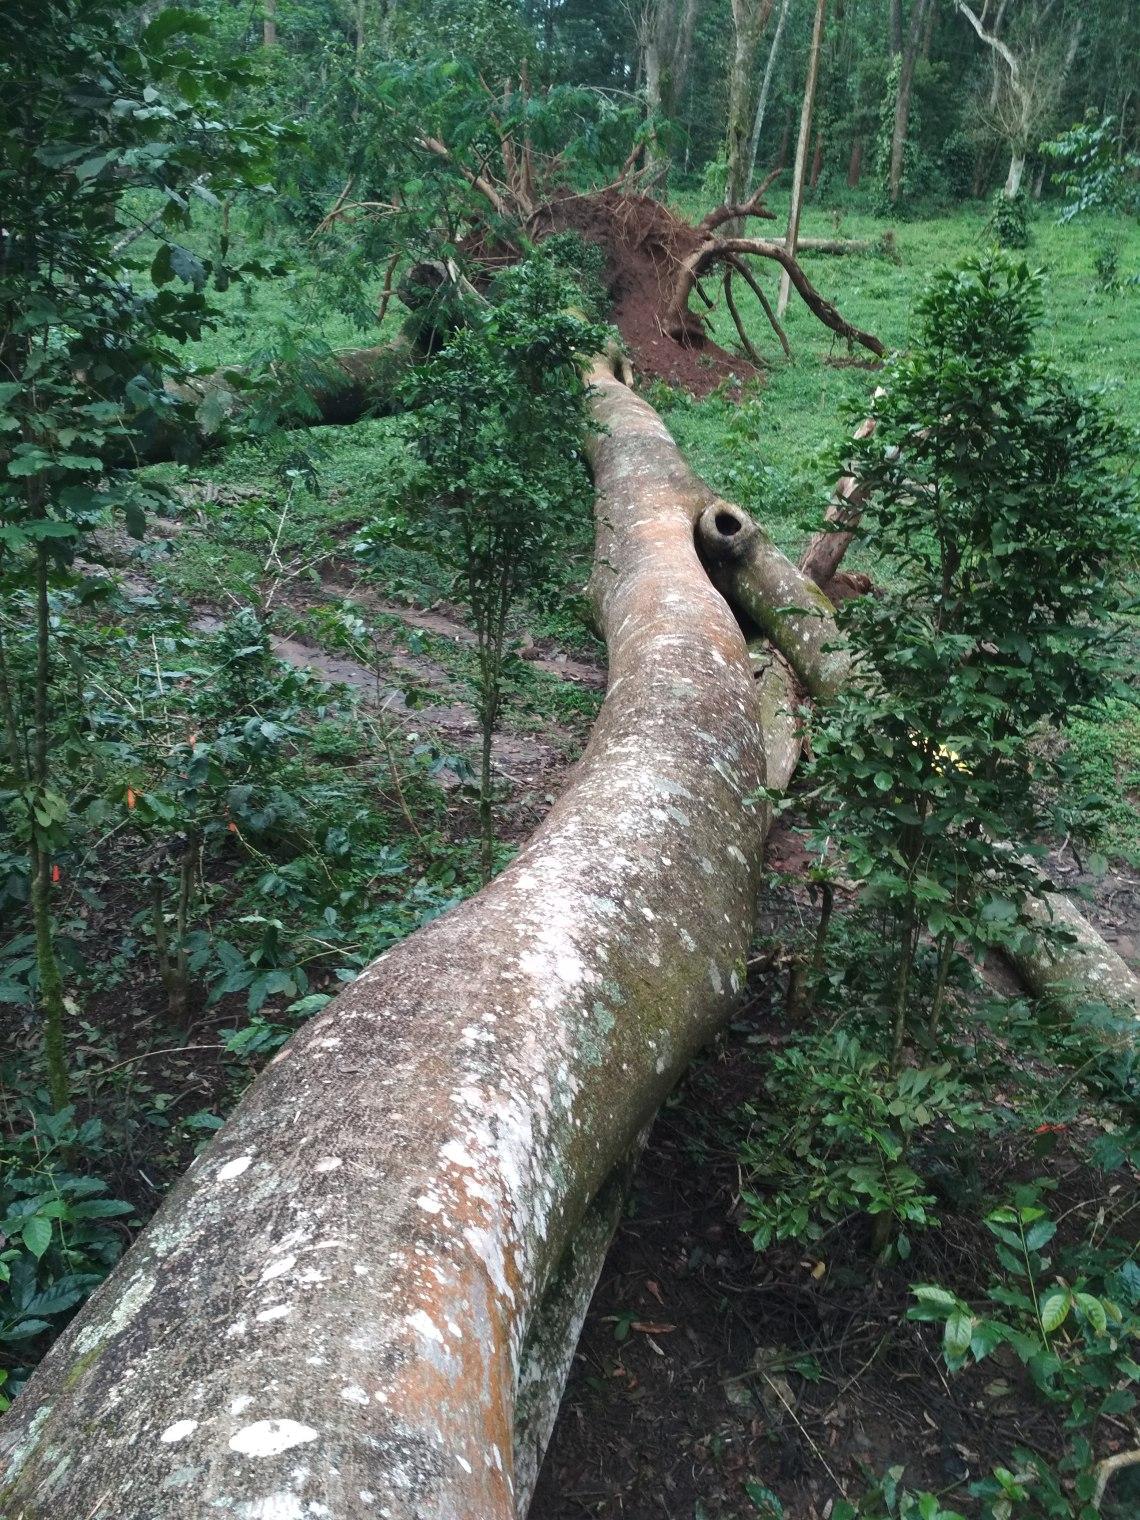 The fallen tree1